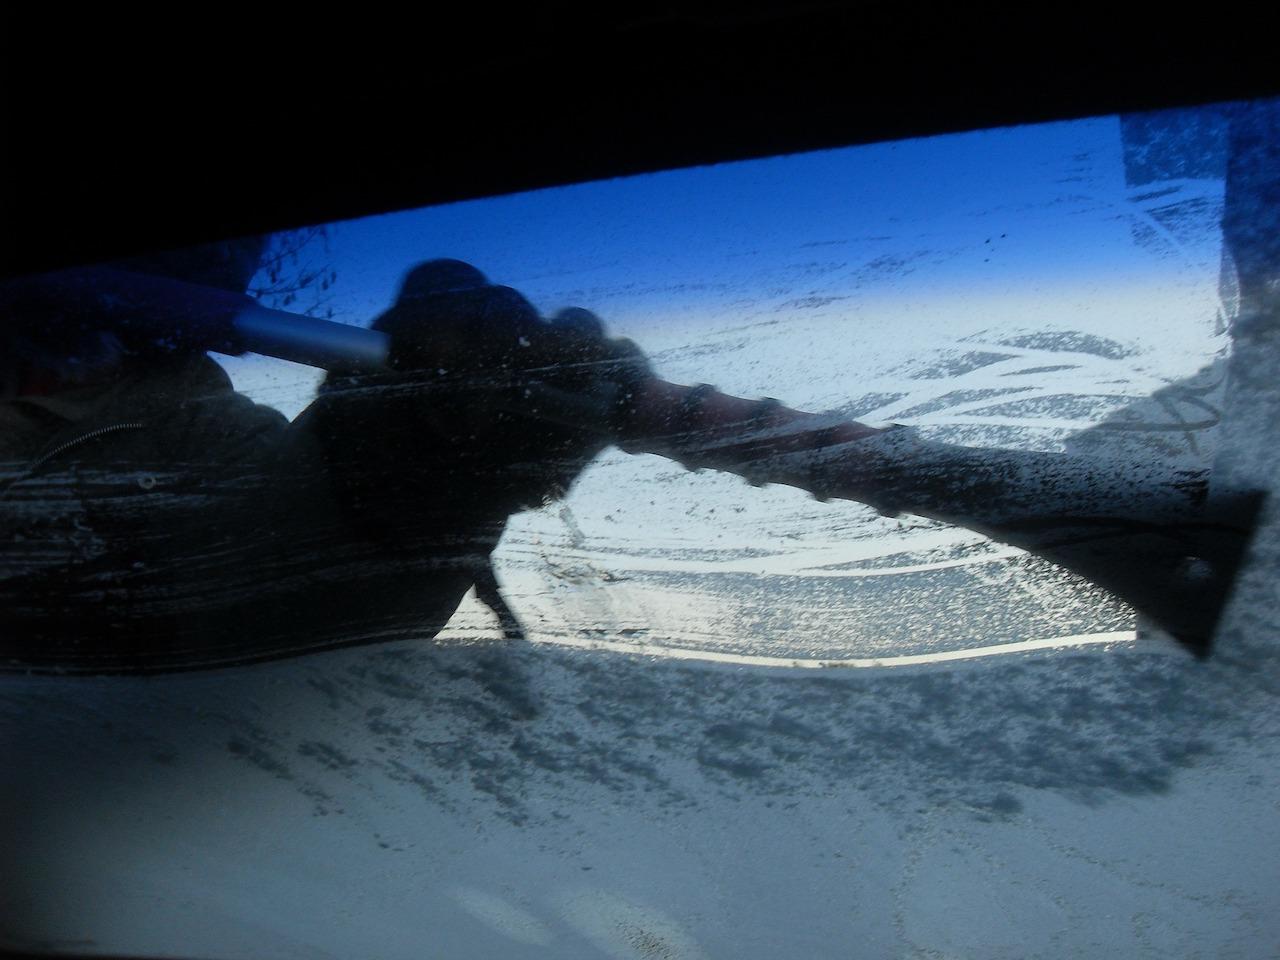 coche-nieve-hielo-quitar-6